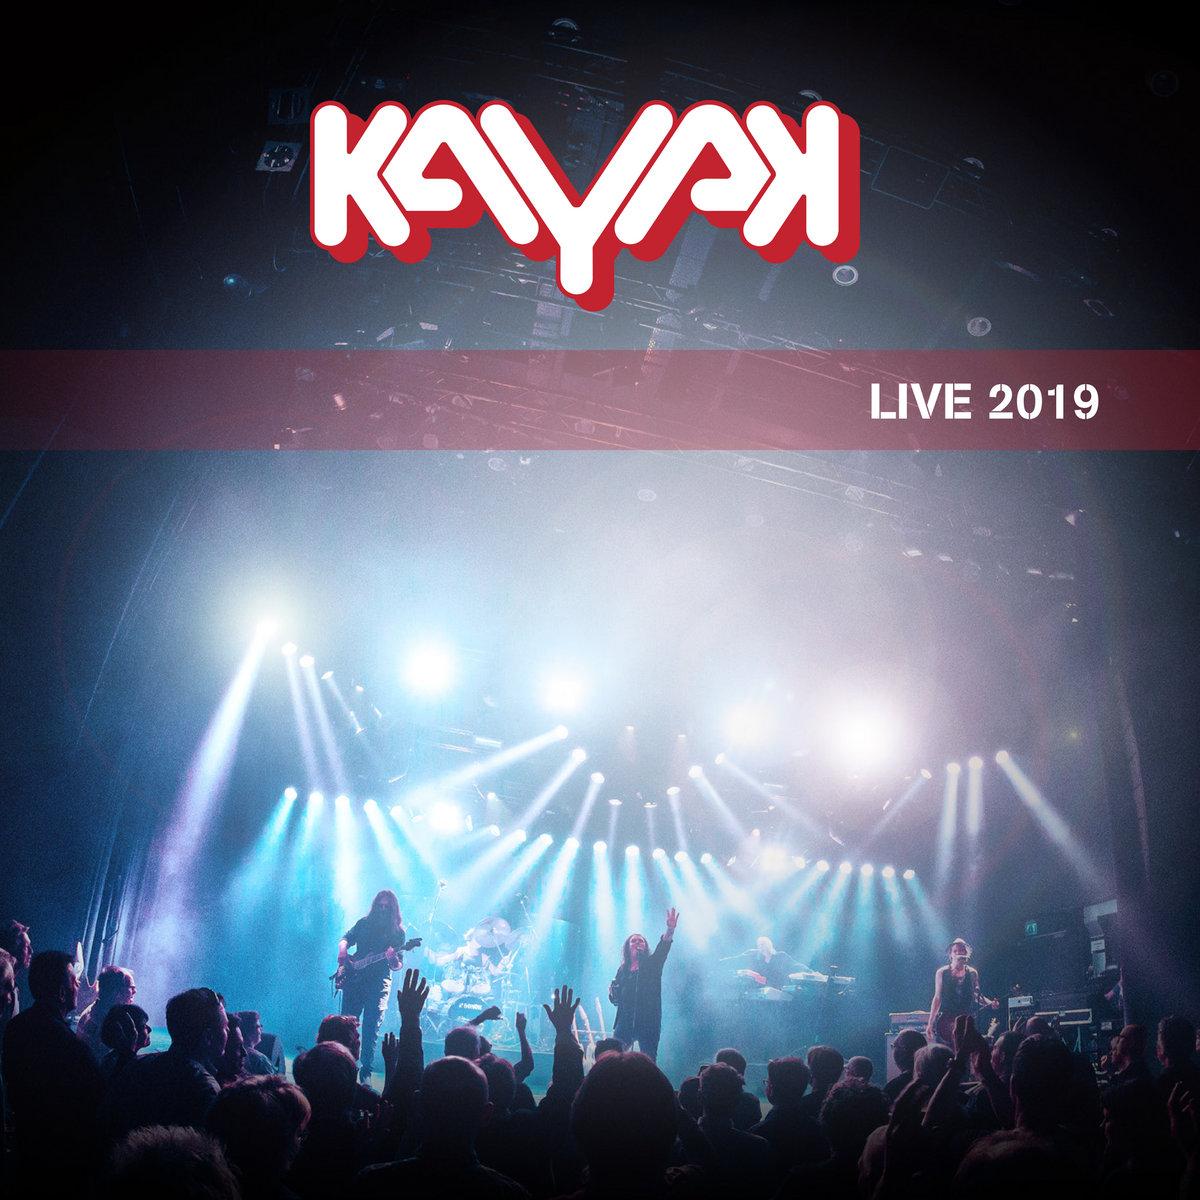 Kayak: Live 2019